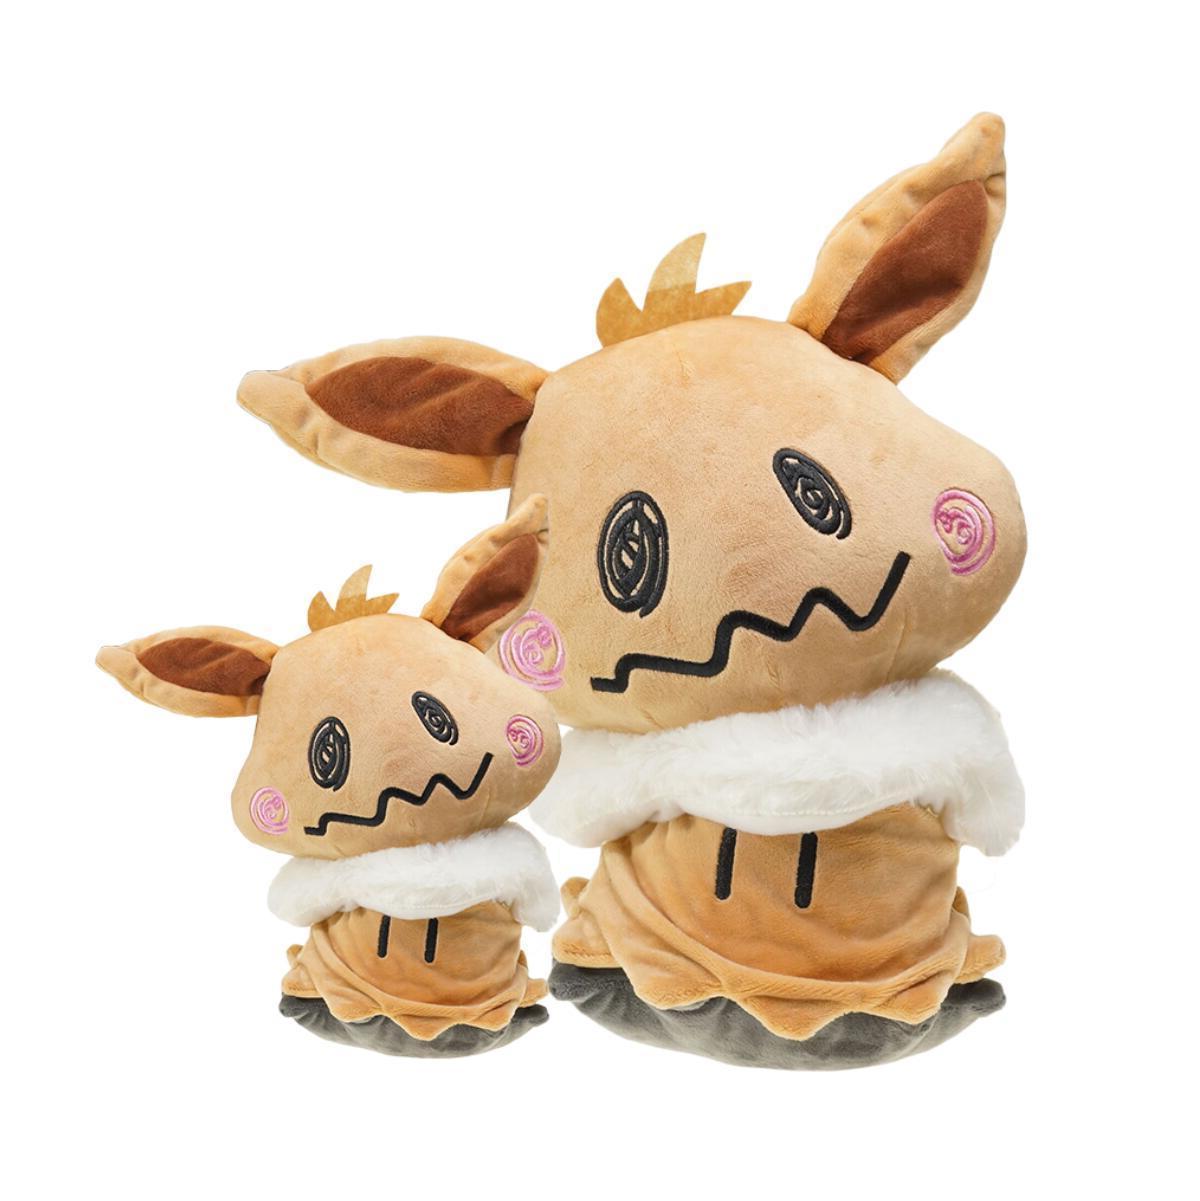 Pokemon Flareon Eevee Doll Toy Gift